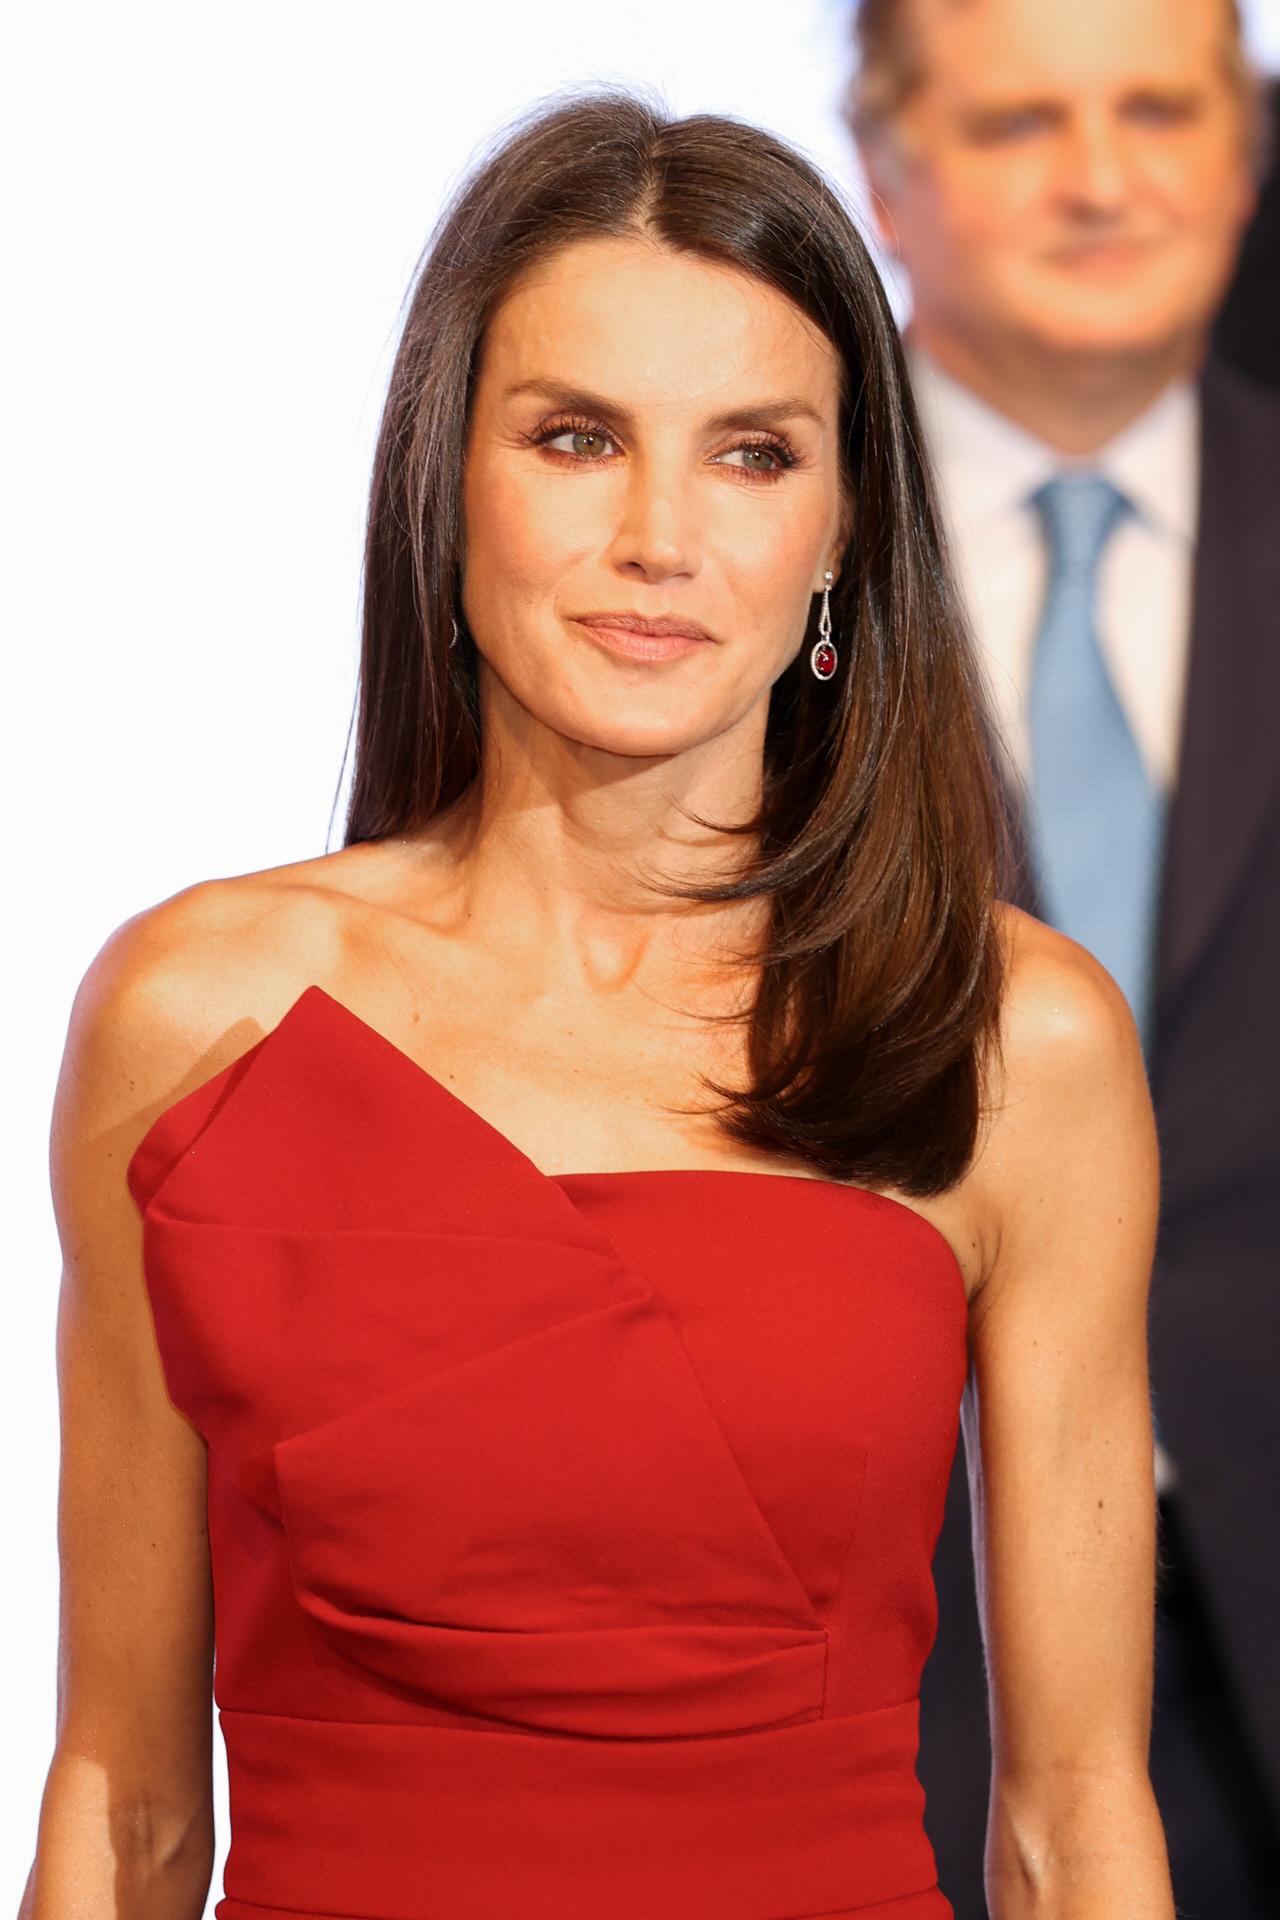 La reina Letizia con vestido rojo de Roberto Torreta.